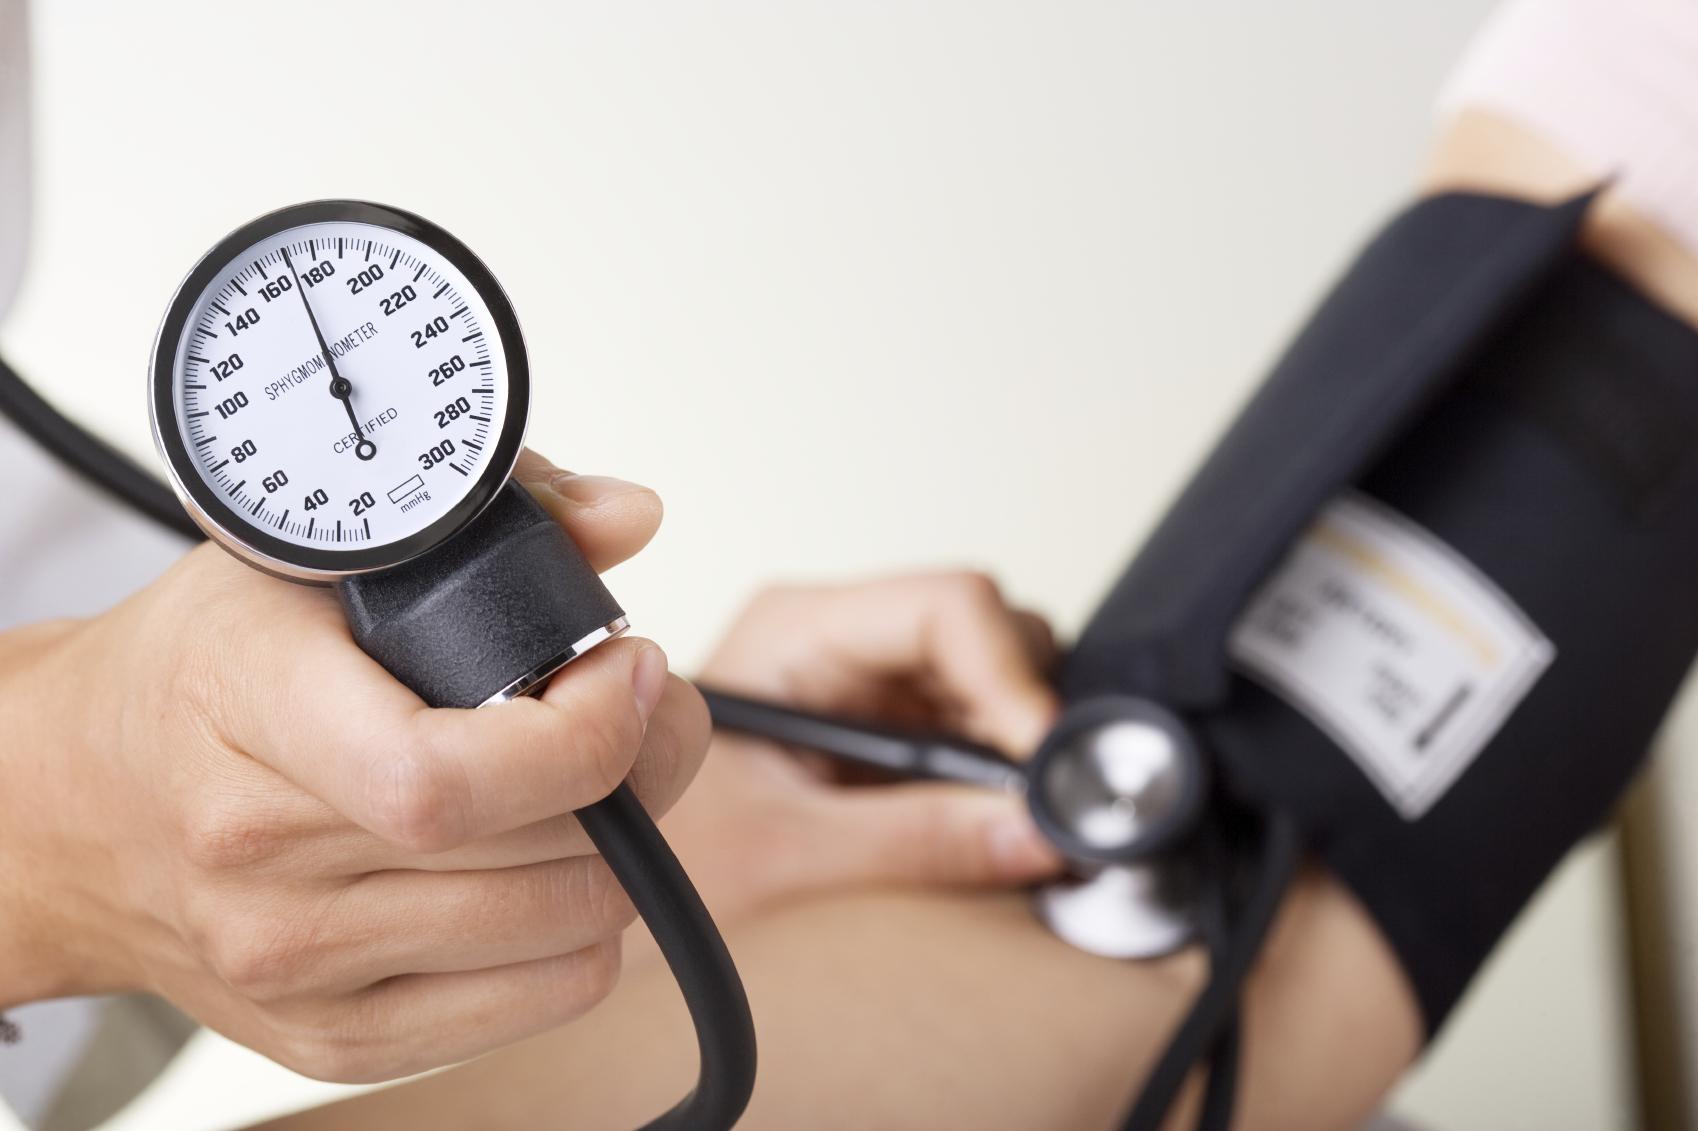 Симптомы повышенного давления, которые скажут о проблеме без тонометра